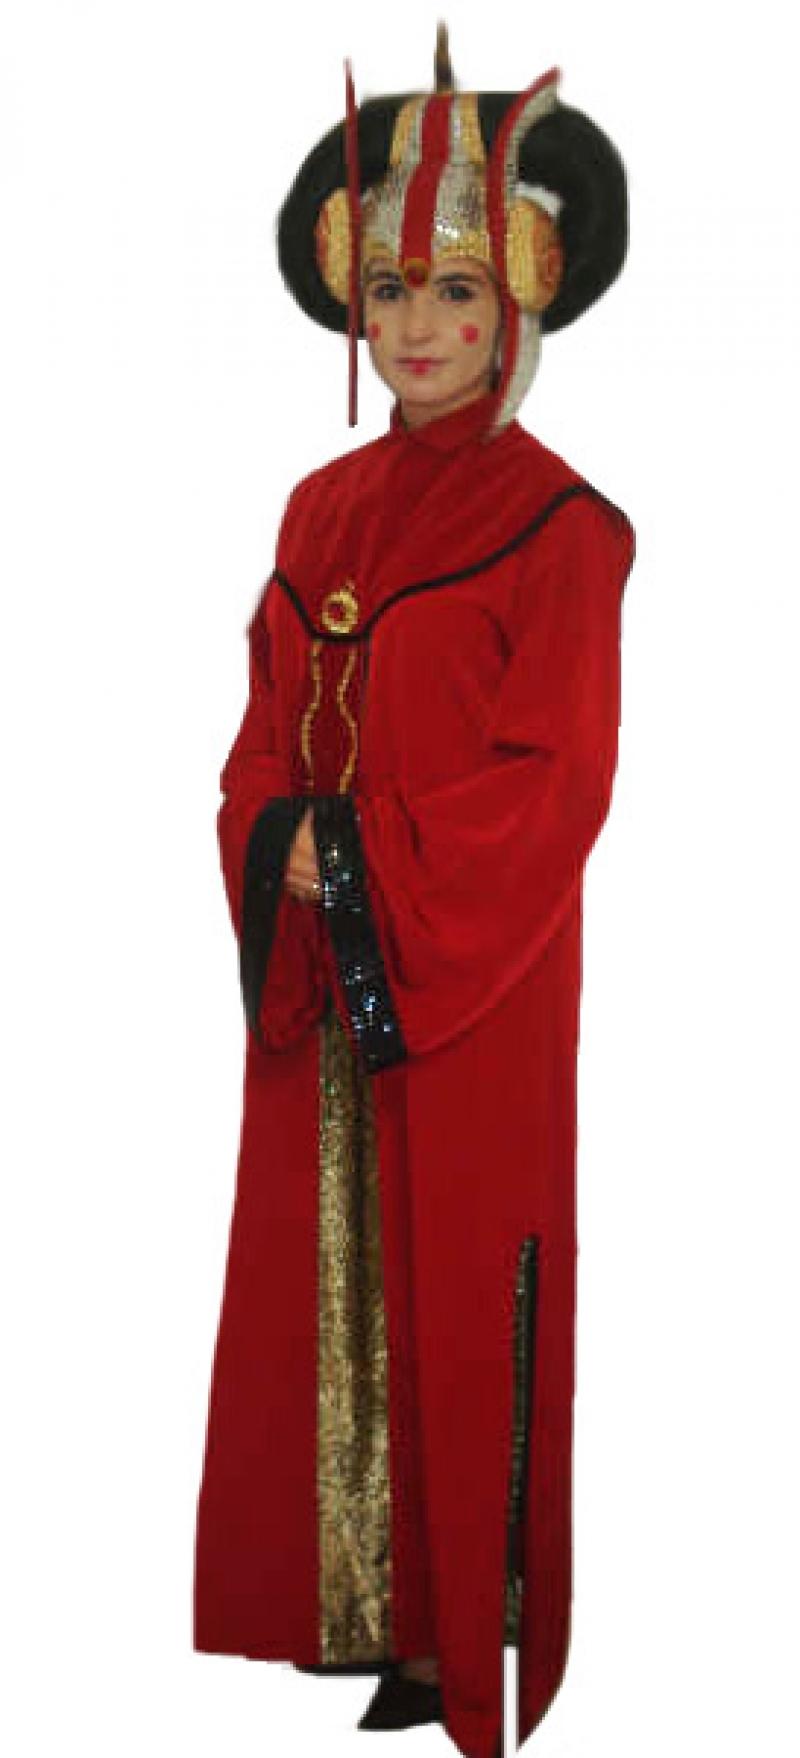 Disfraces Disfraces-adultos-todos - Disfraz de padme